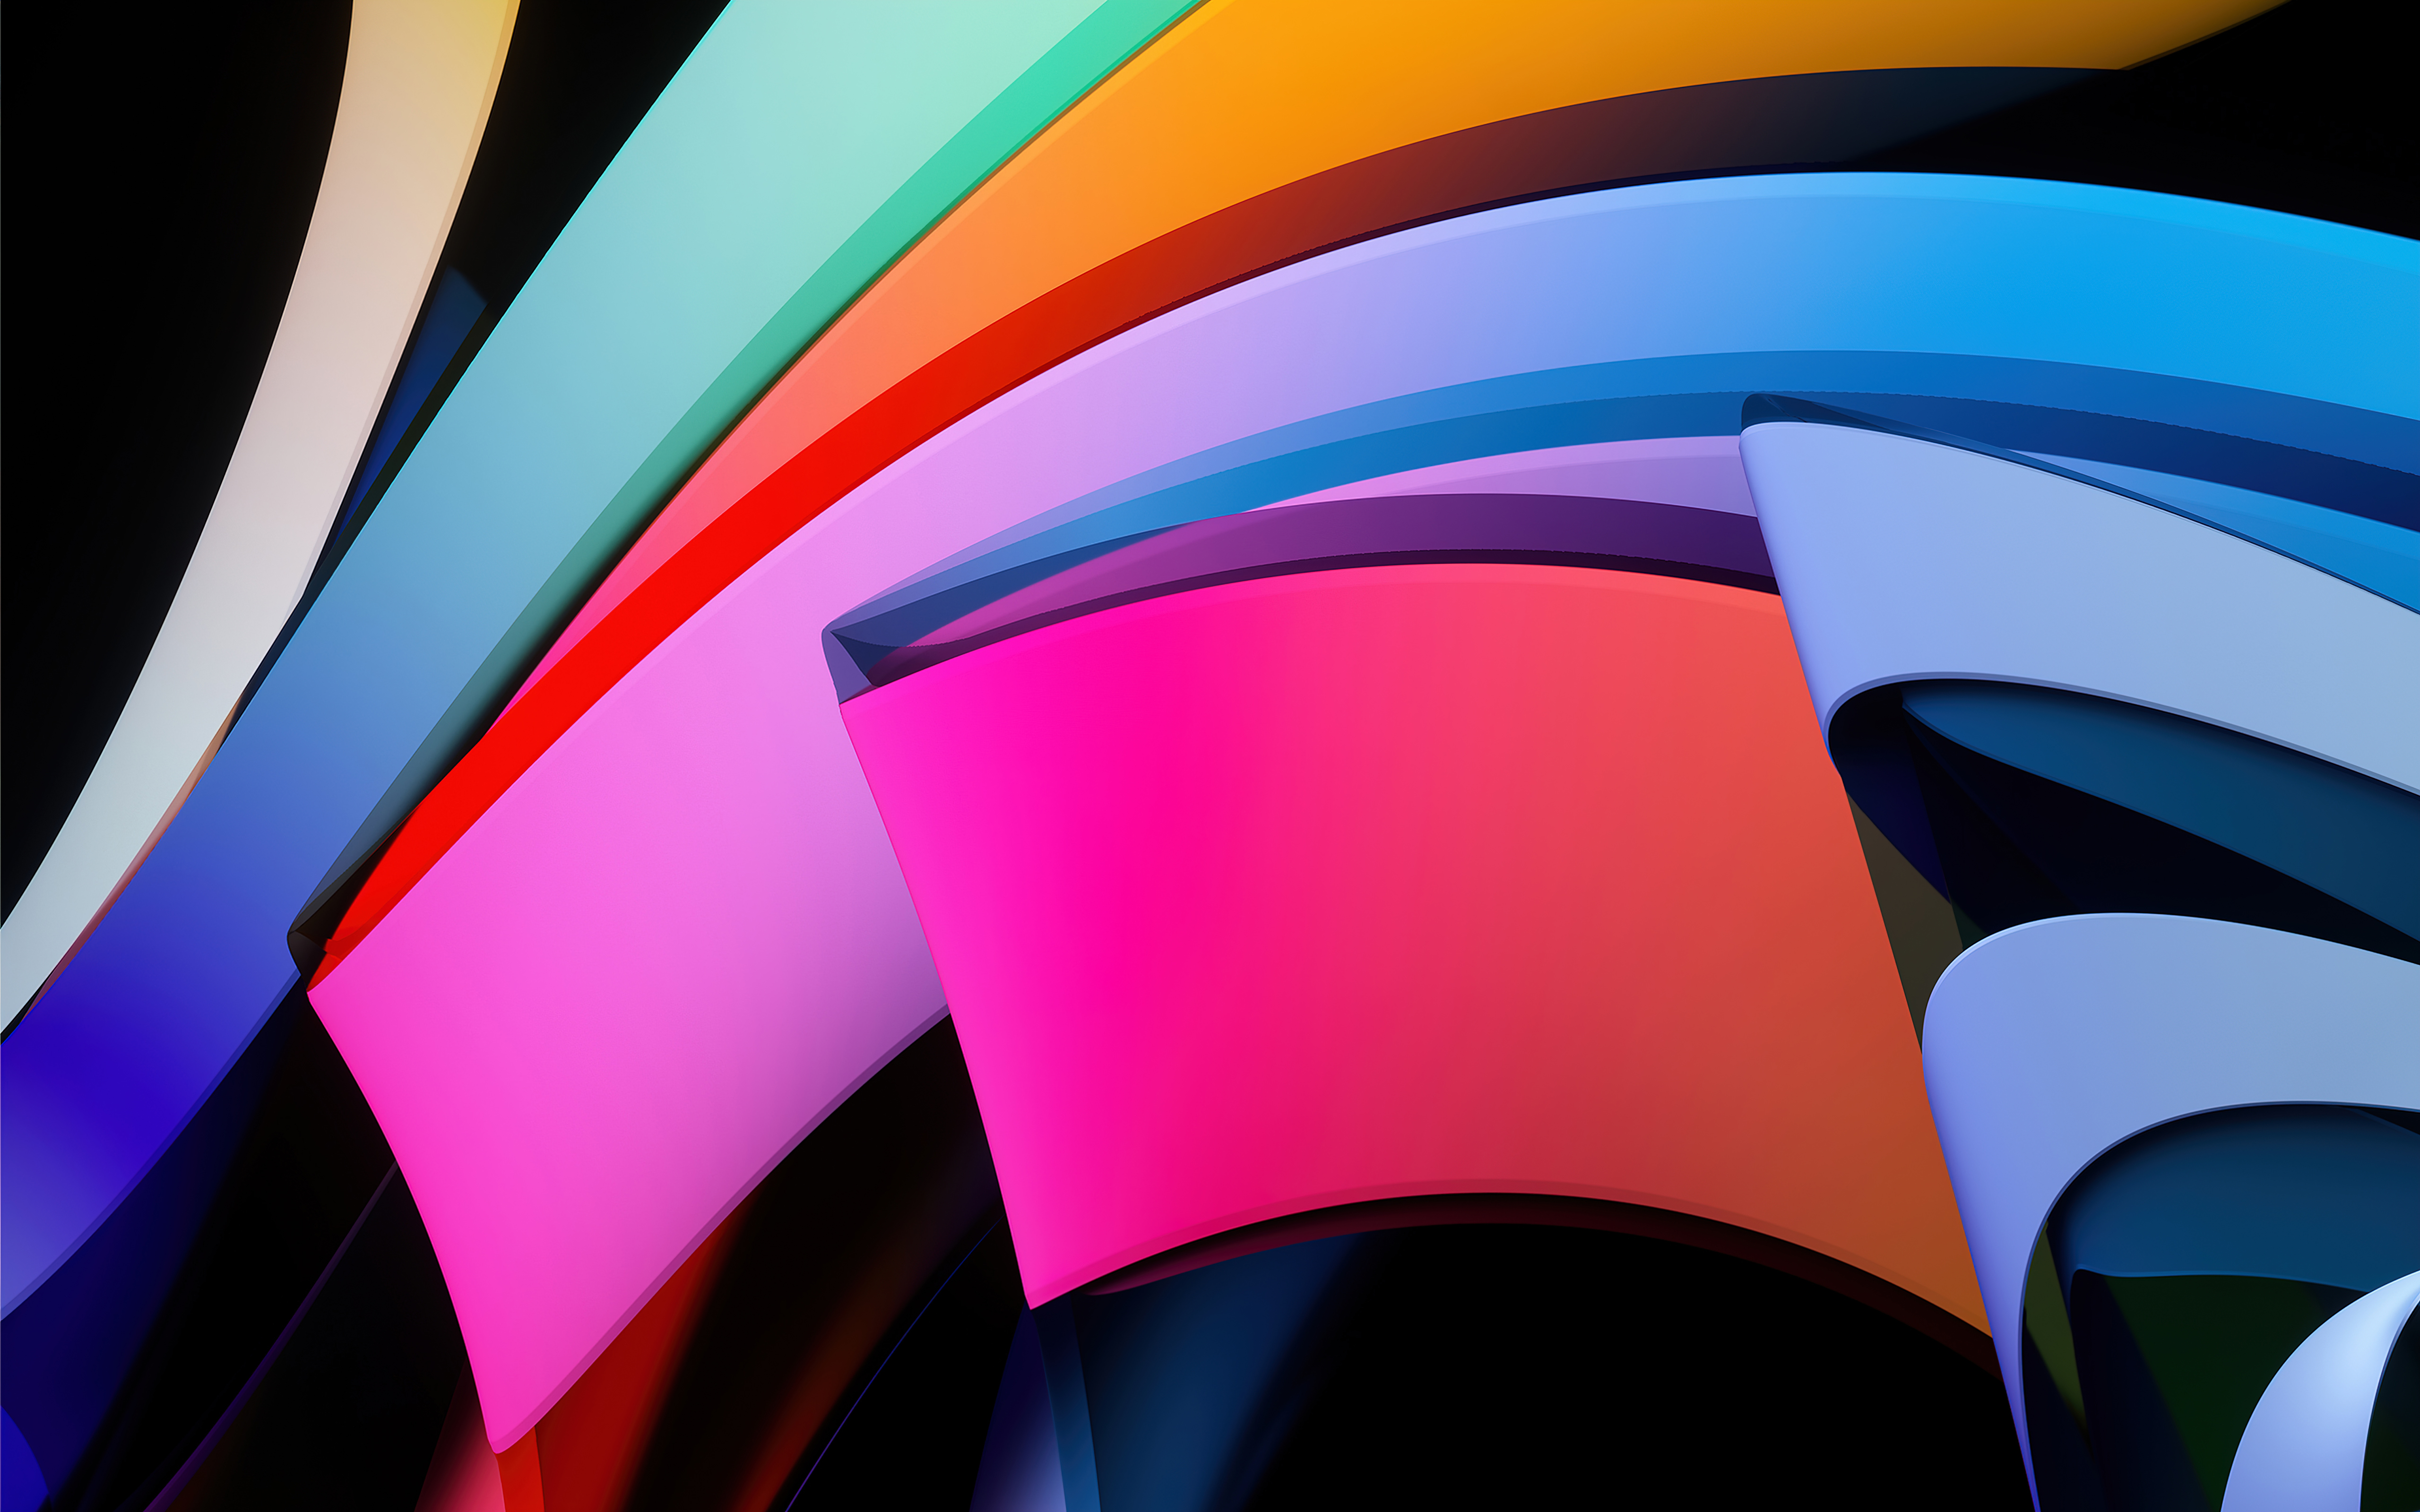 Fondos de pantalla Bloques de colores